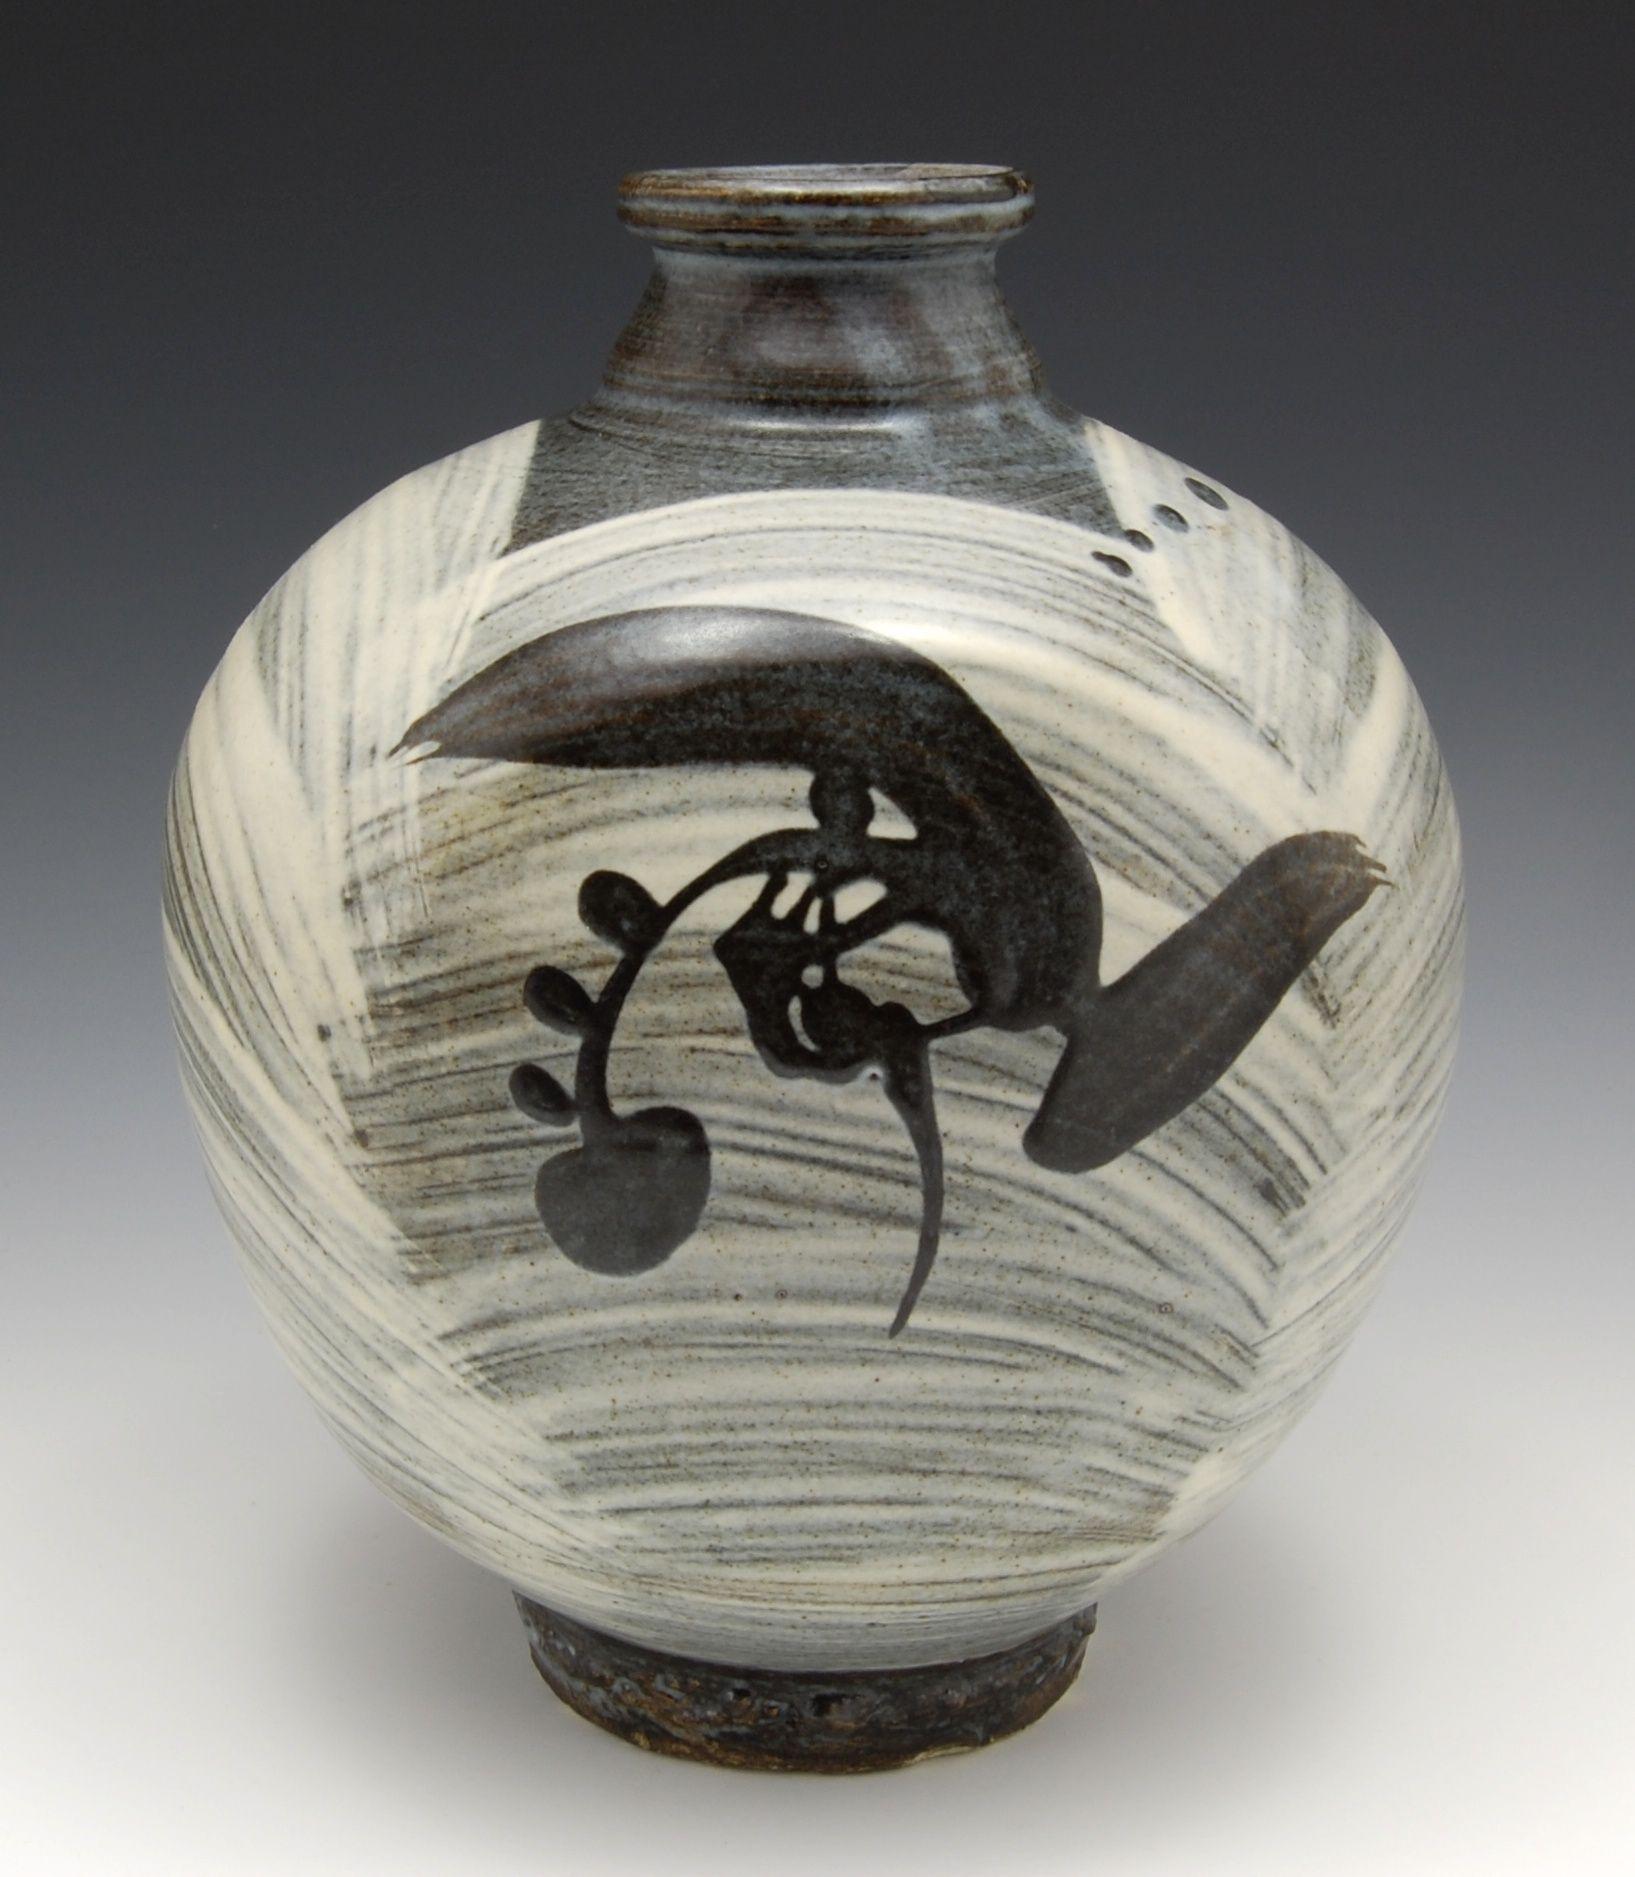 Wayne Ngan Ceramic (Chinese: 1937)